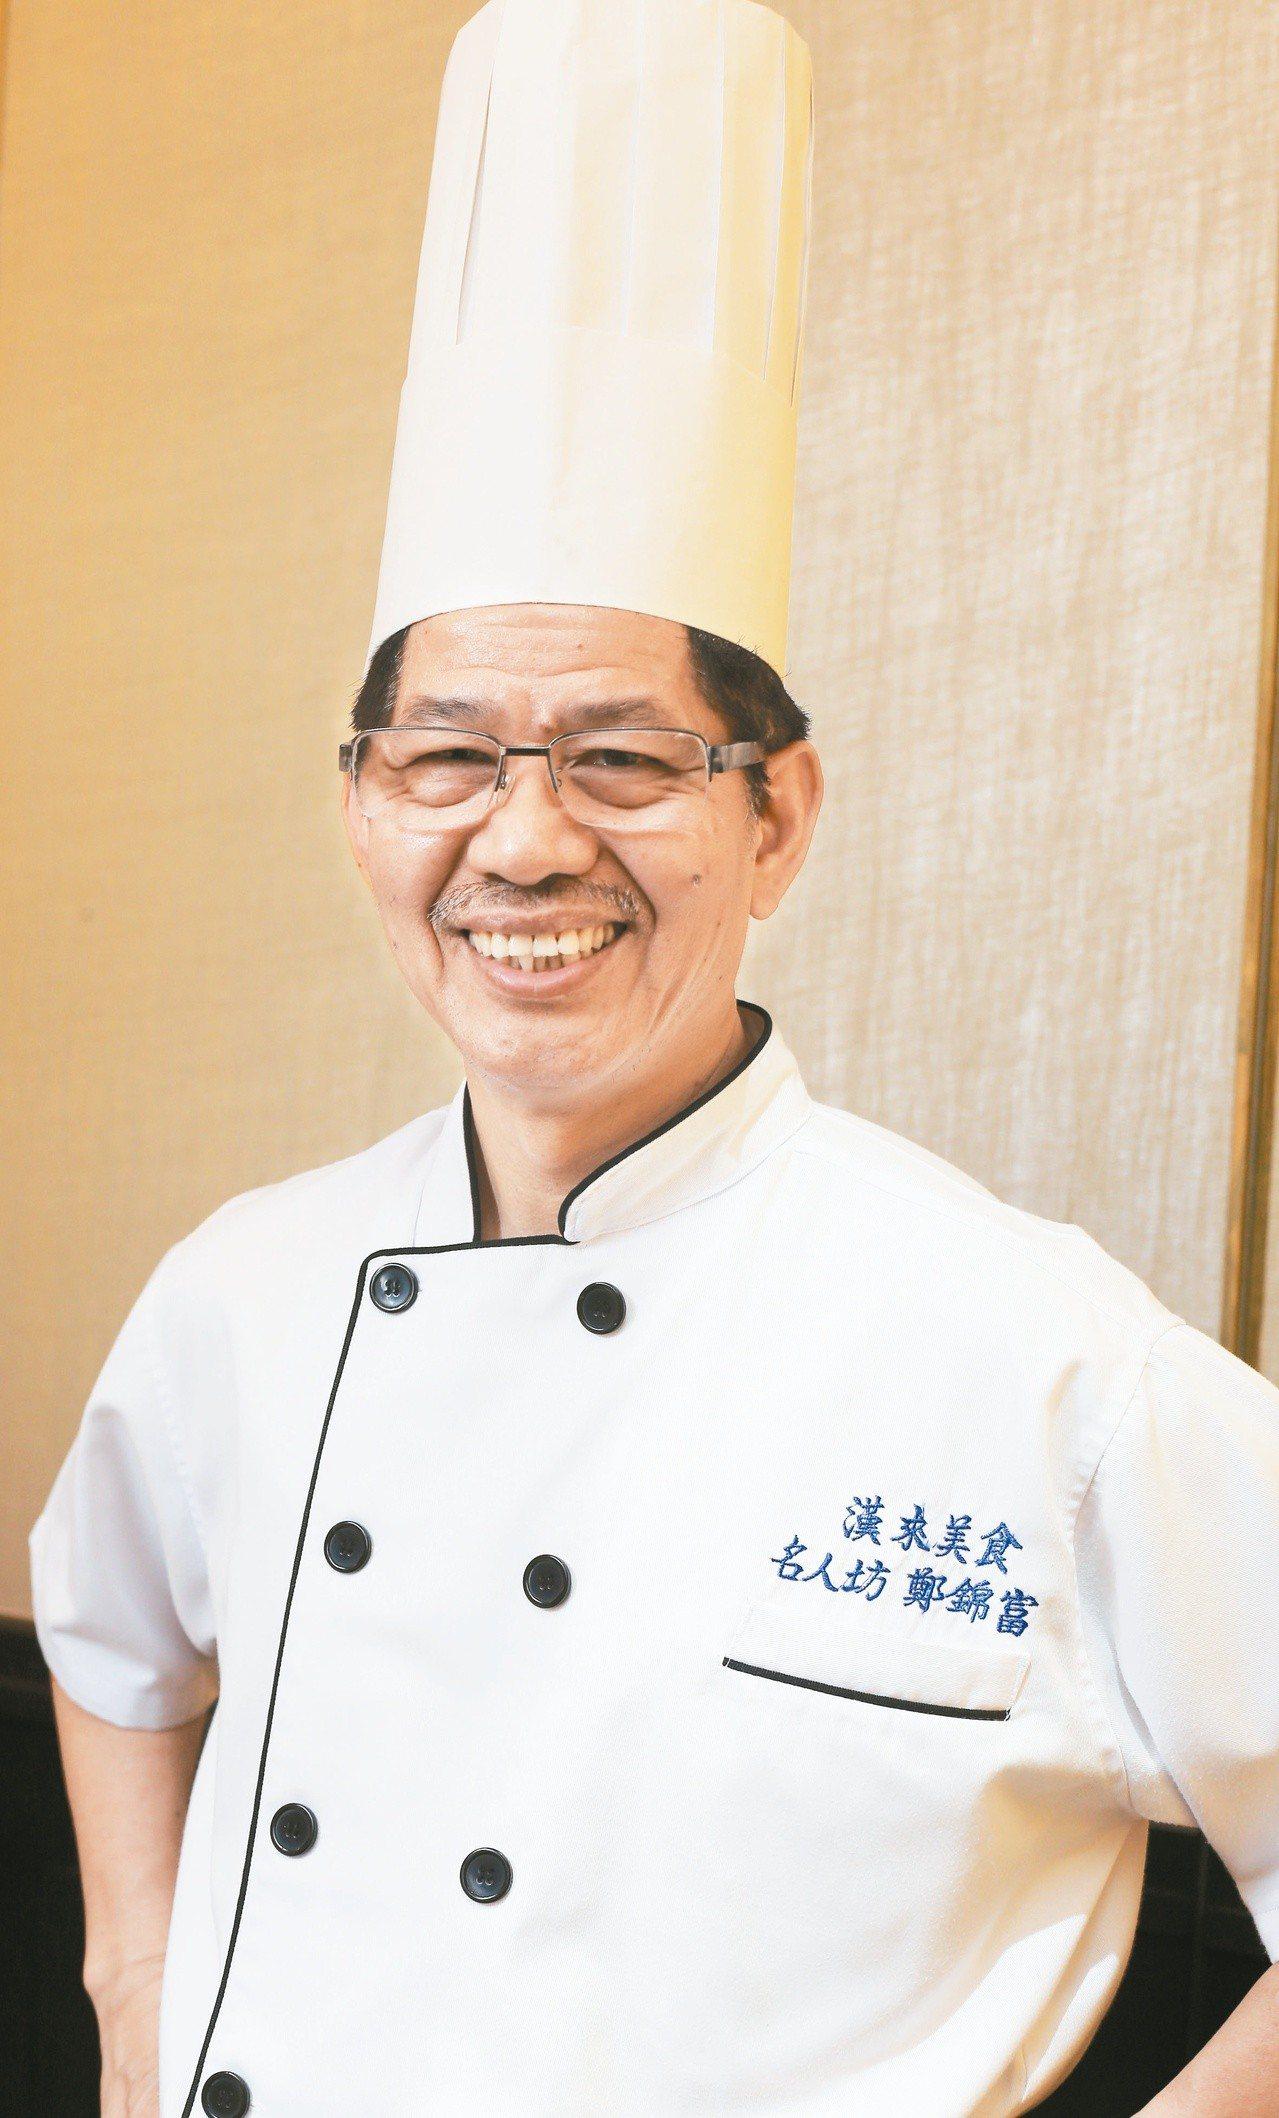 鄭錦富在香港有「隱市廚神」之稱。記者劉學聖/攝影